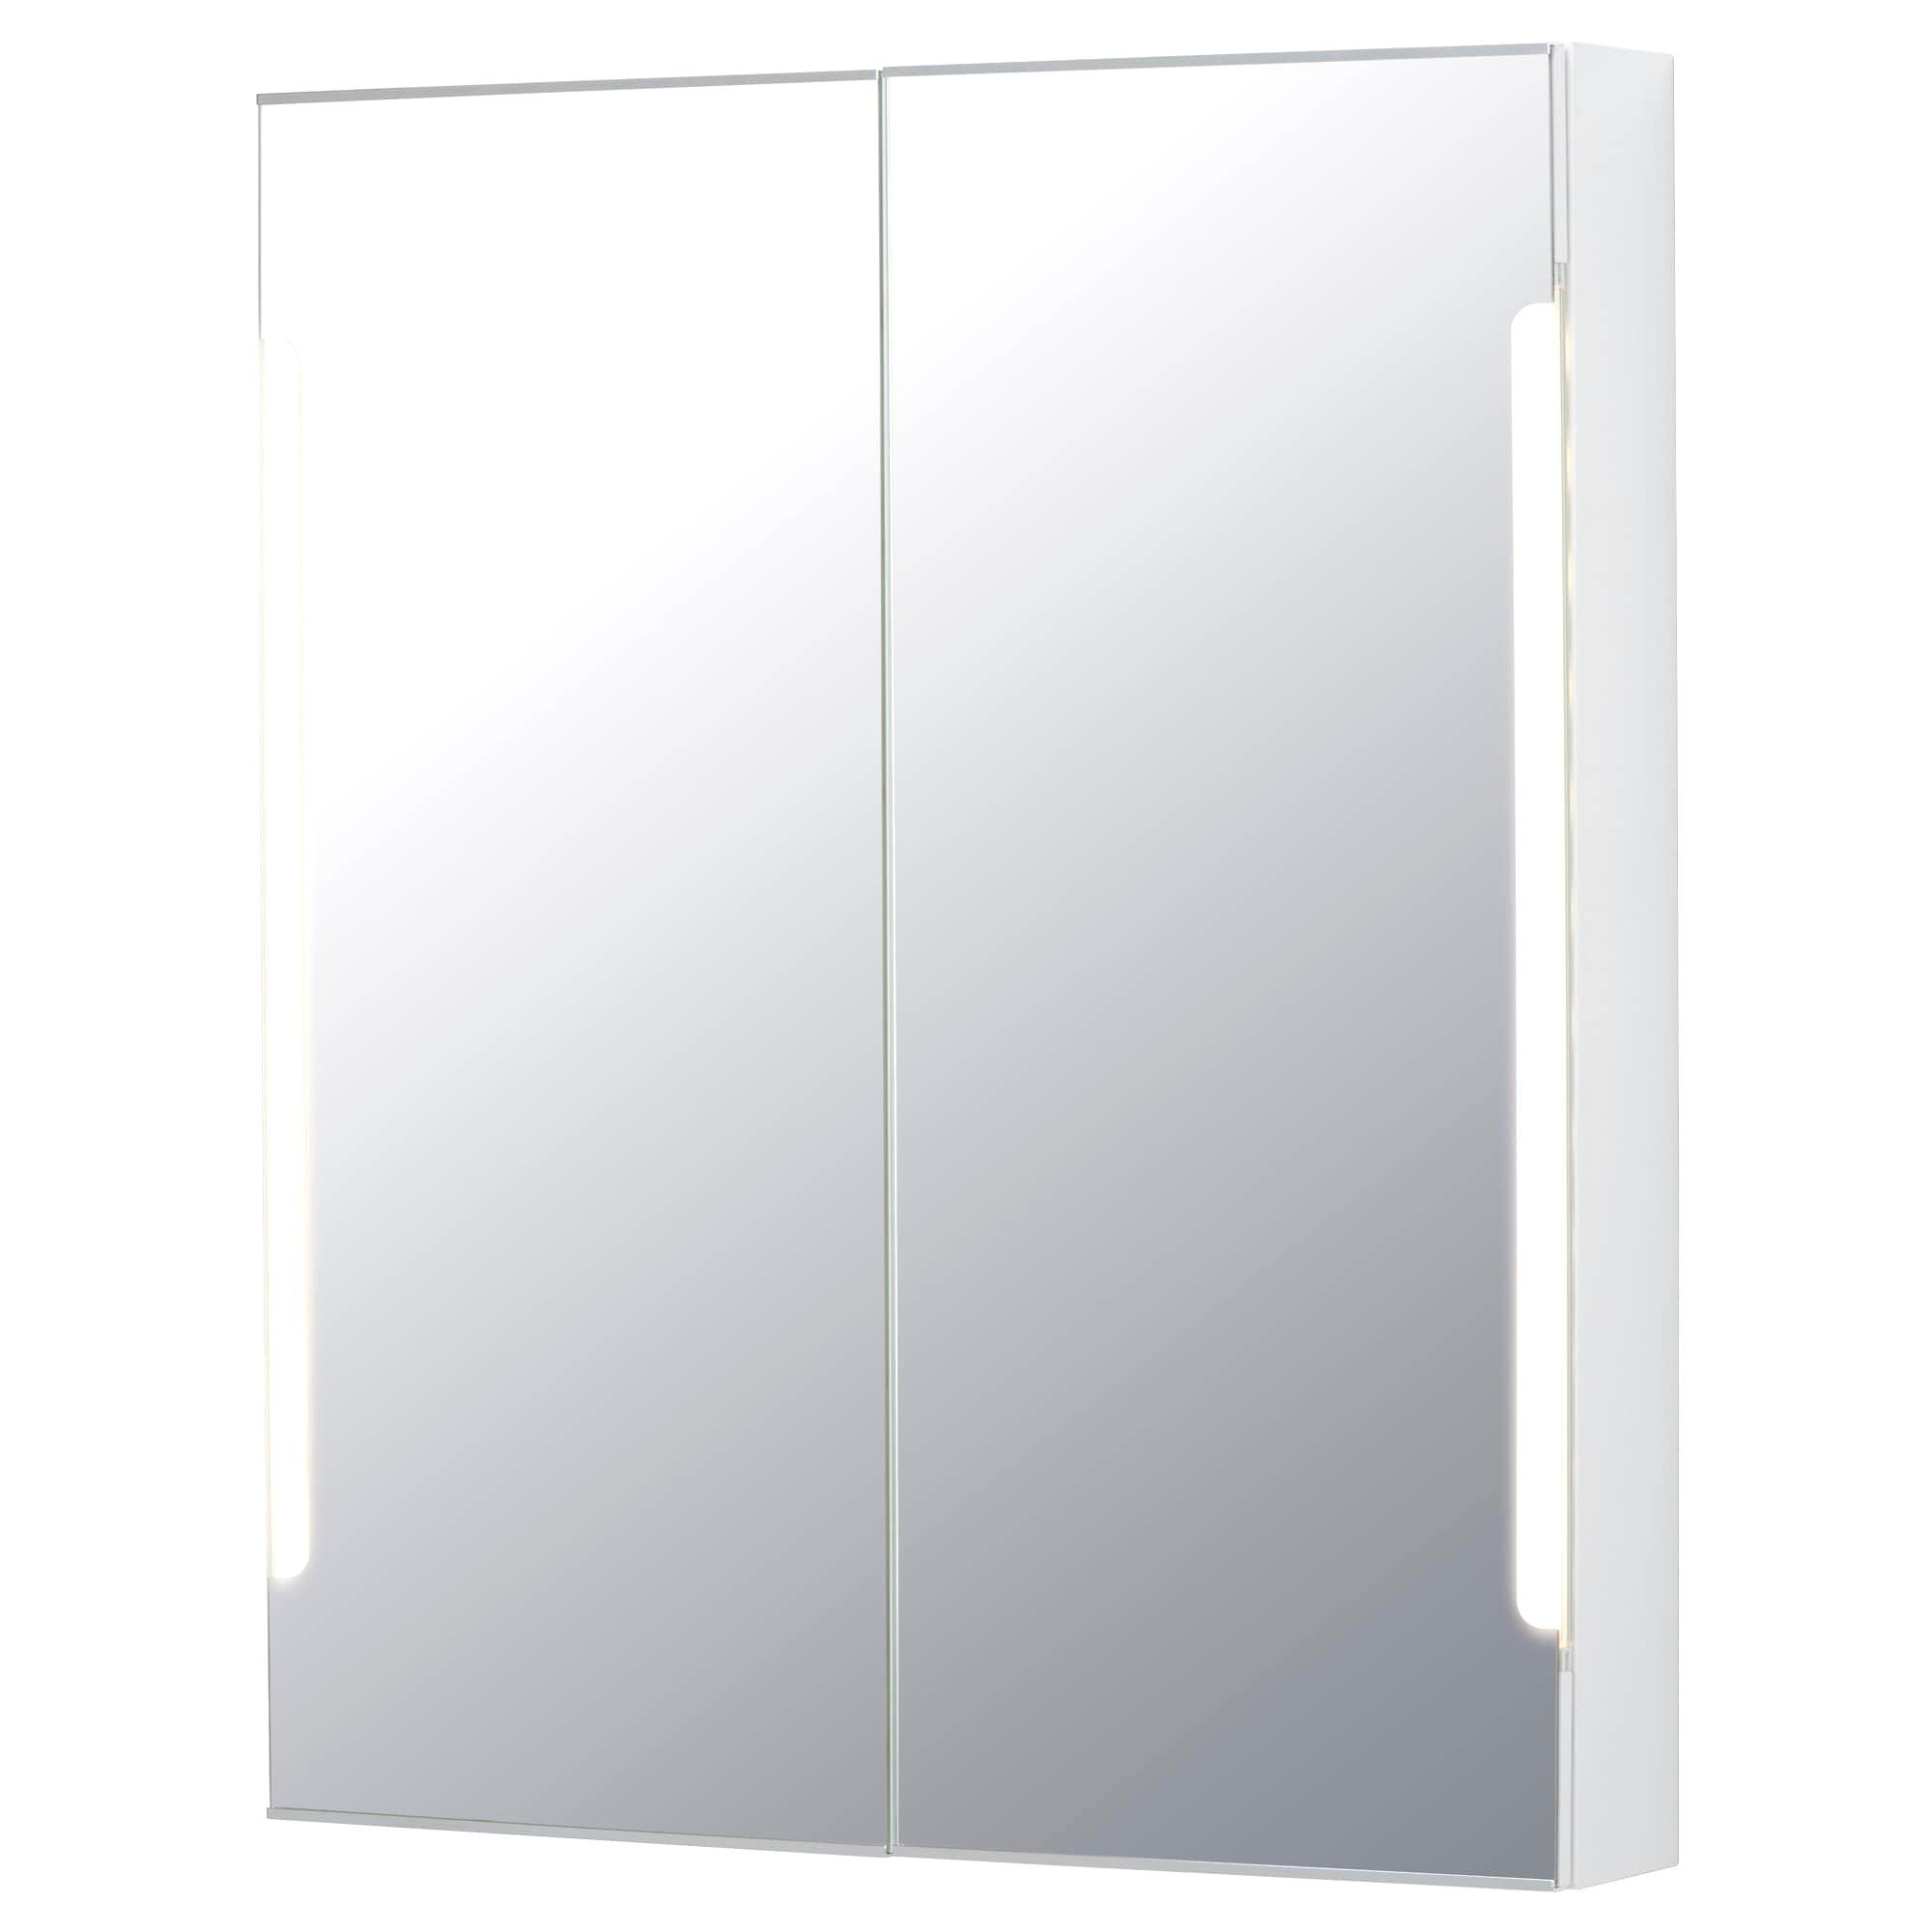 miroir salle de bain ikea avec storjorm c3 a9l a9ment 2ptes a9clairage int blanc pe s5 et triptyque 2 2000x2000px for stave mural rond cm idees gb